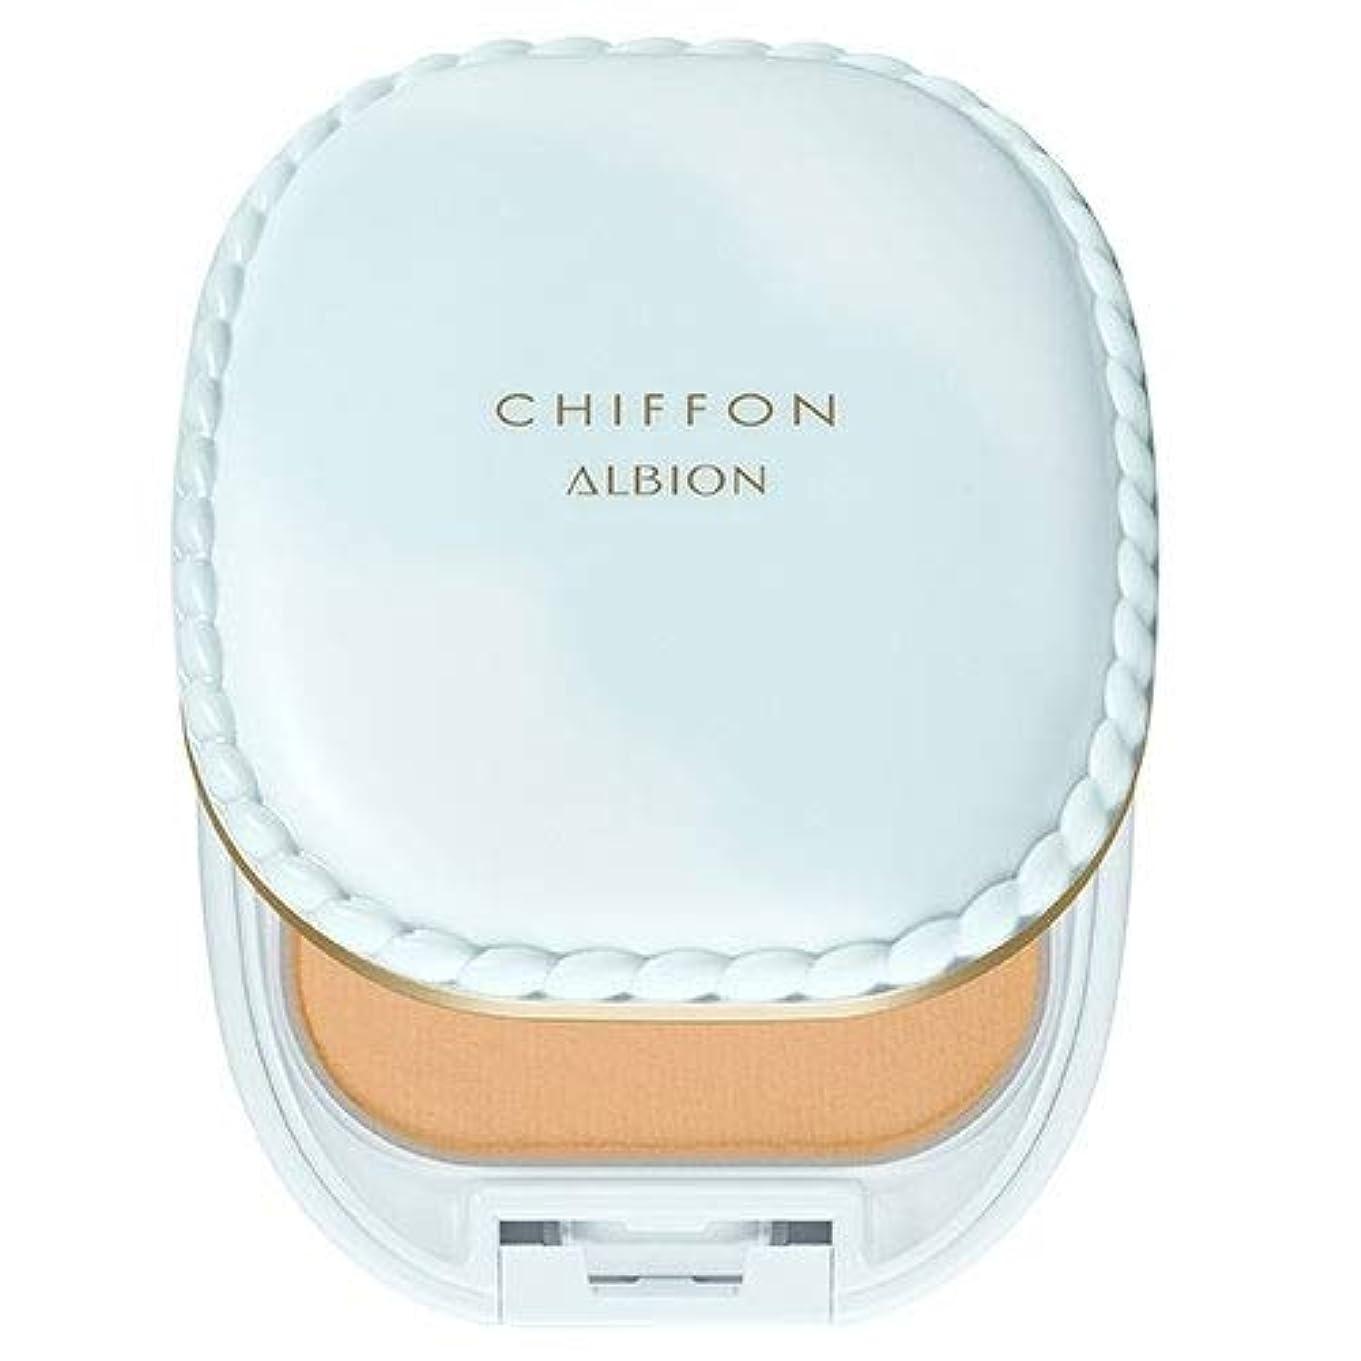 アデレードあごひげ気分が悪いアルビオン スノー ホワイト シフォン 全6色 SPF25?PA++ 10g (レフィルのみ) -ALBION- 040